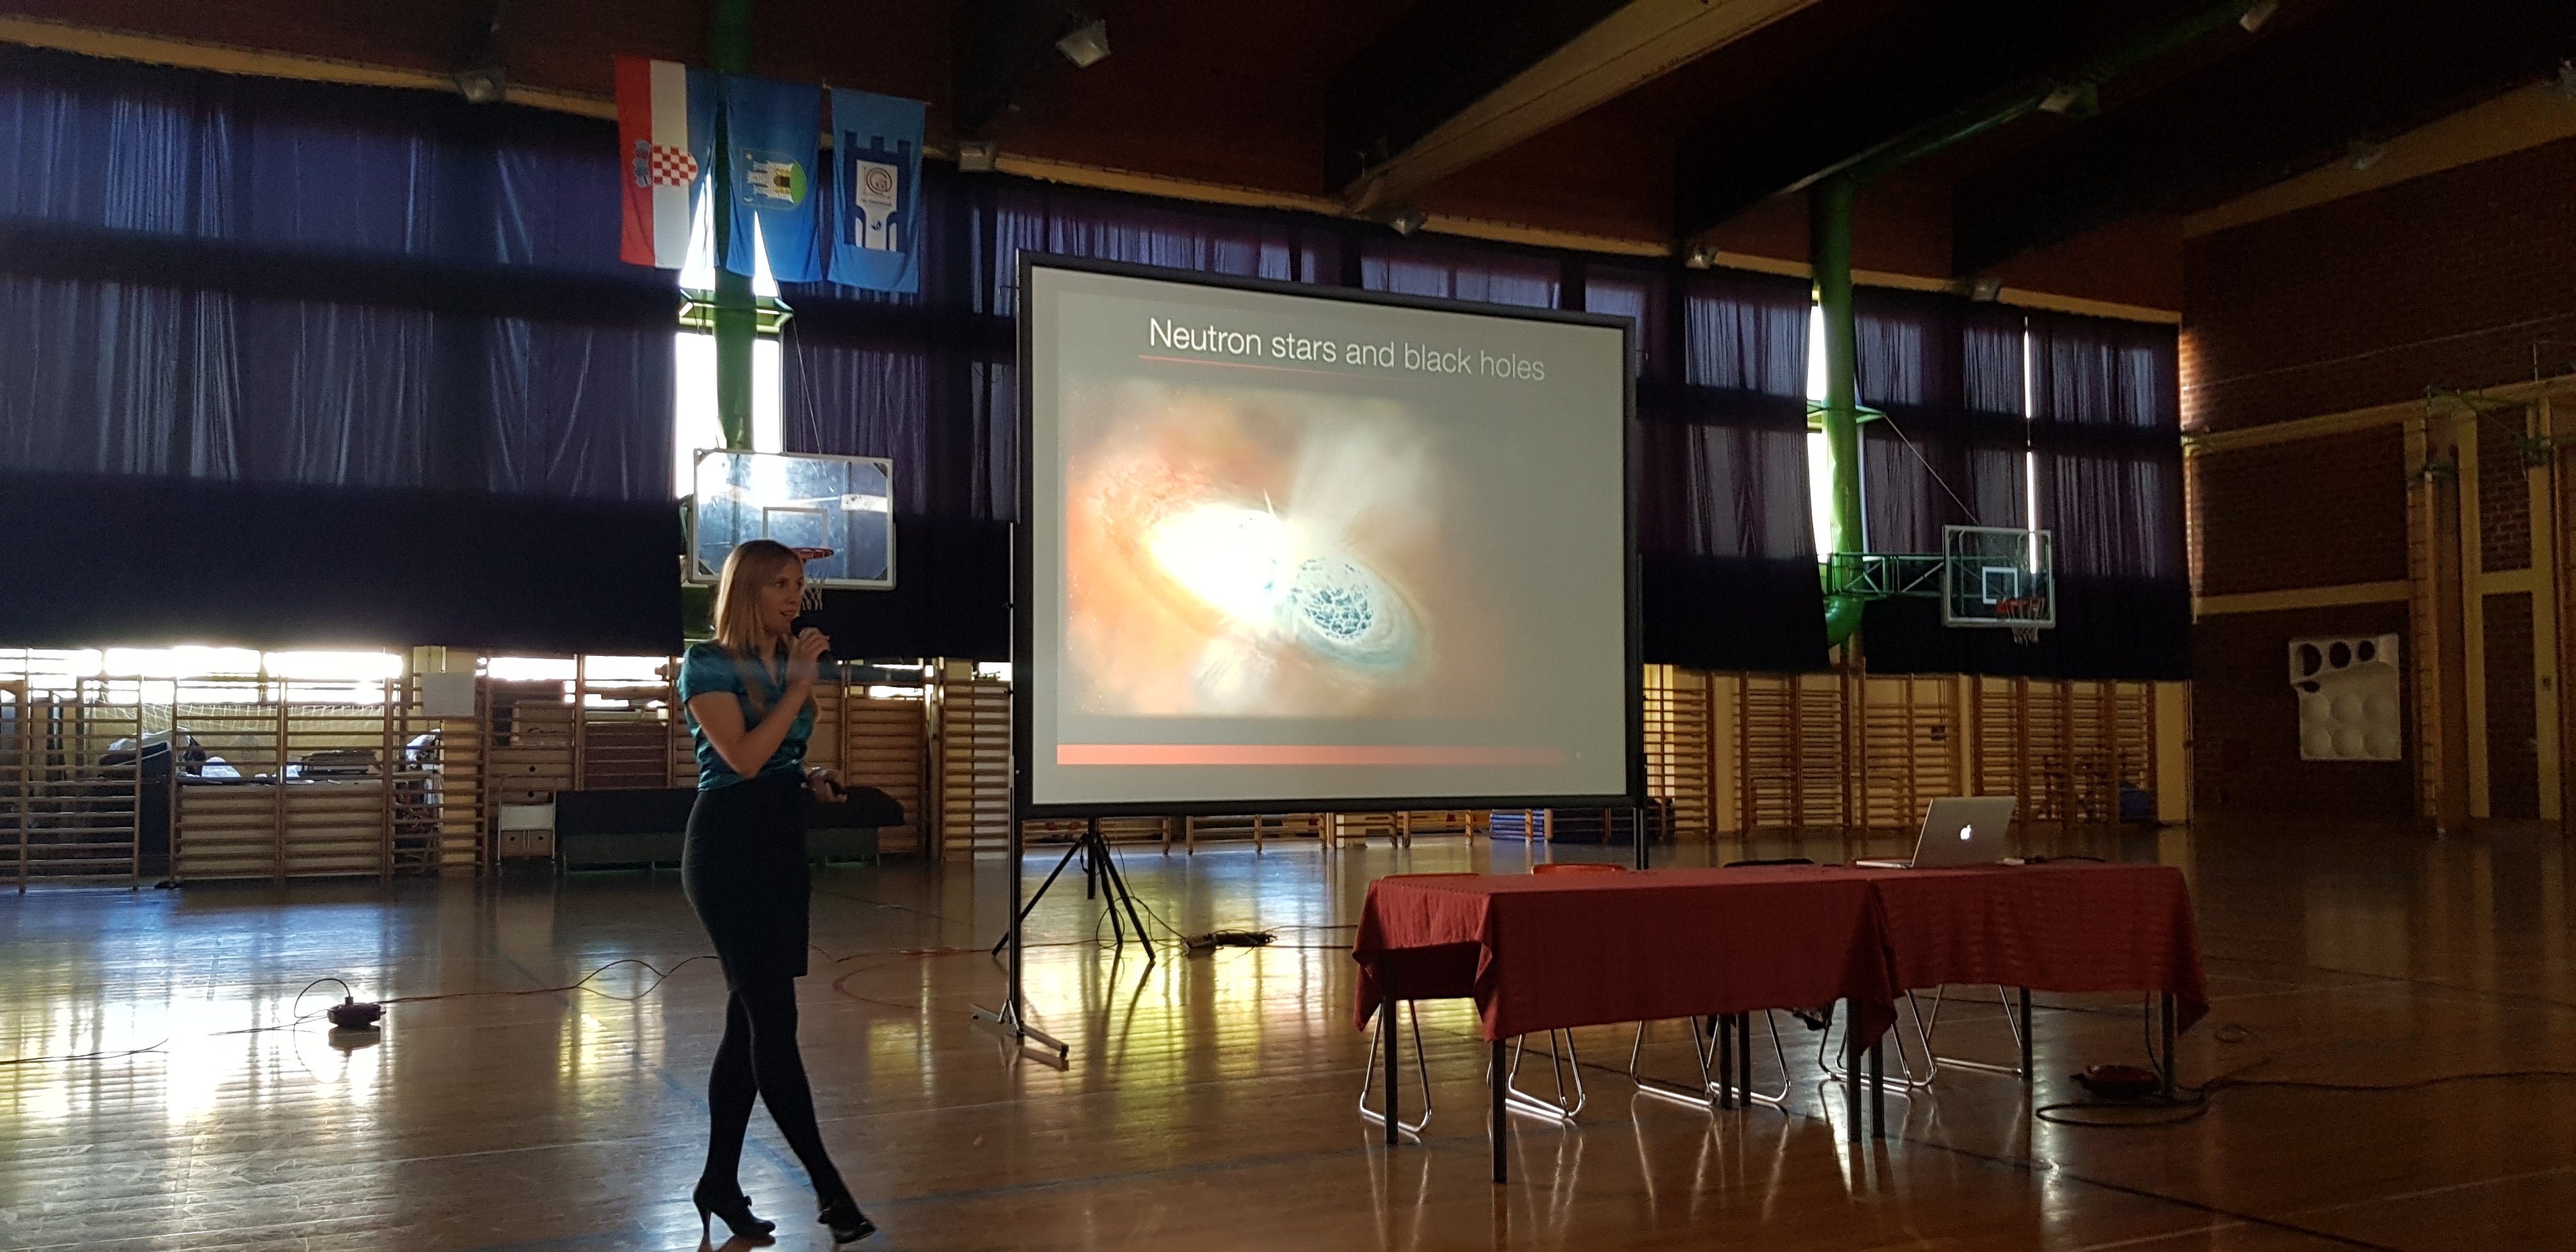 Jacinta Delhaize at MIOC high school Croatia